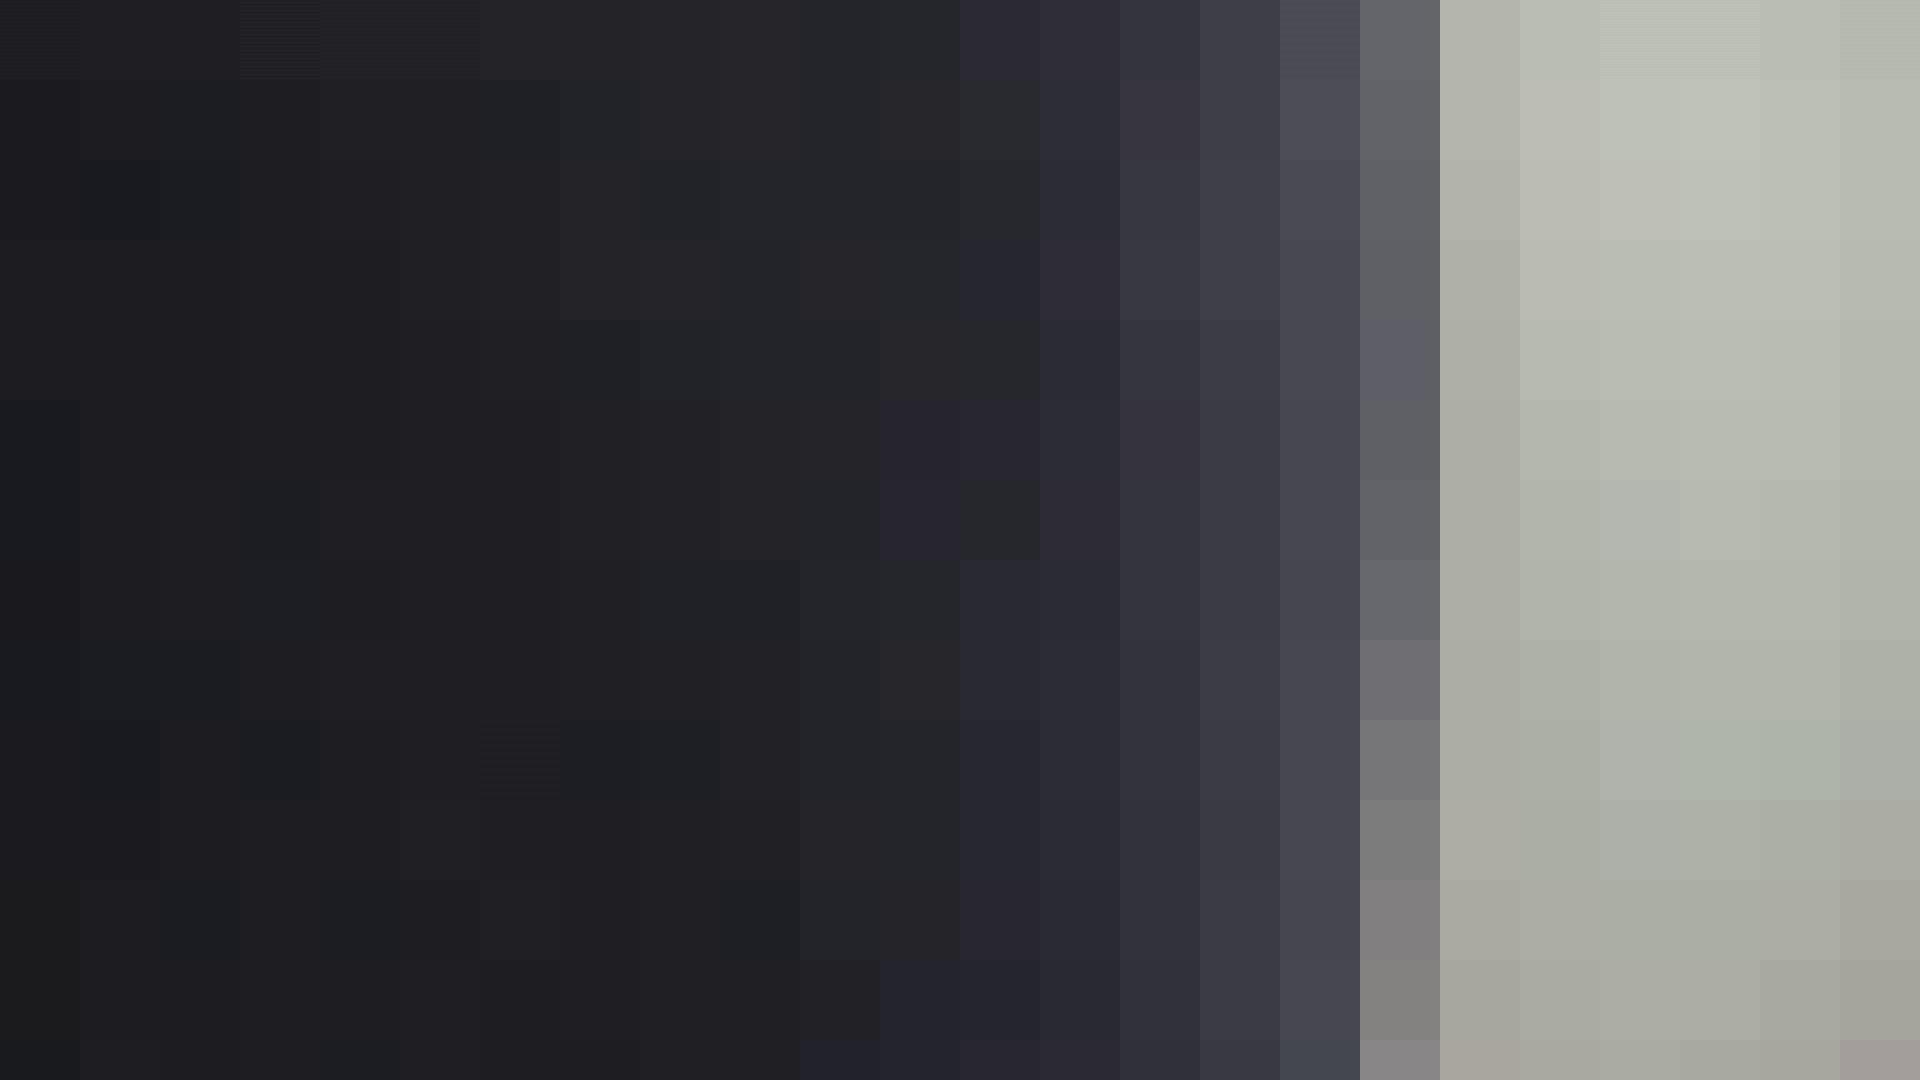 お市さんの「お尻丸出しジャンボリー」No.4 高画質 SEX無修正画像 104画像 89